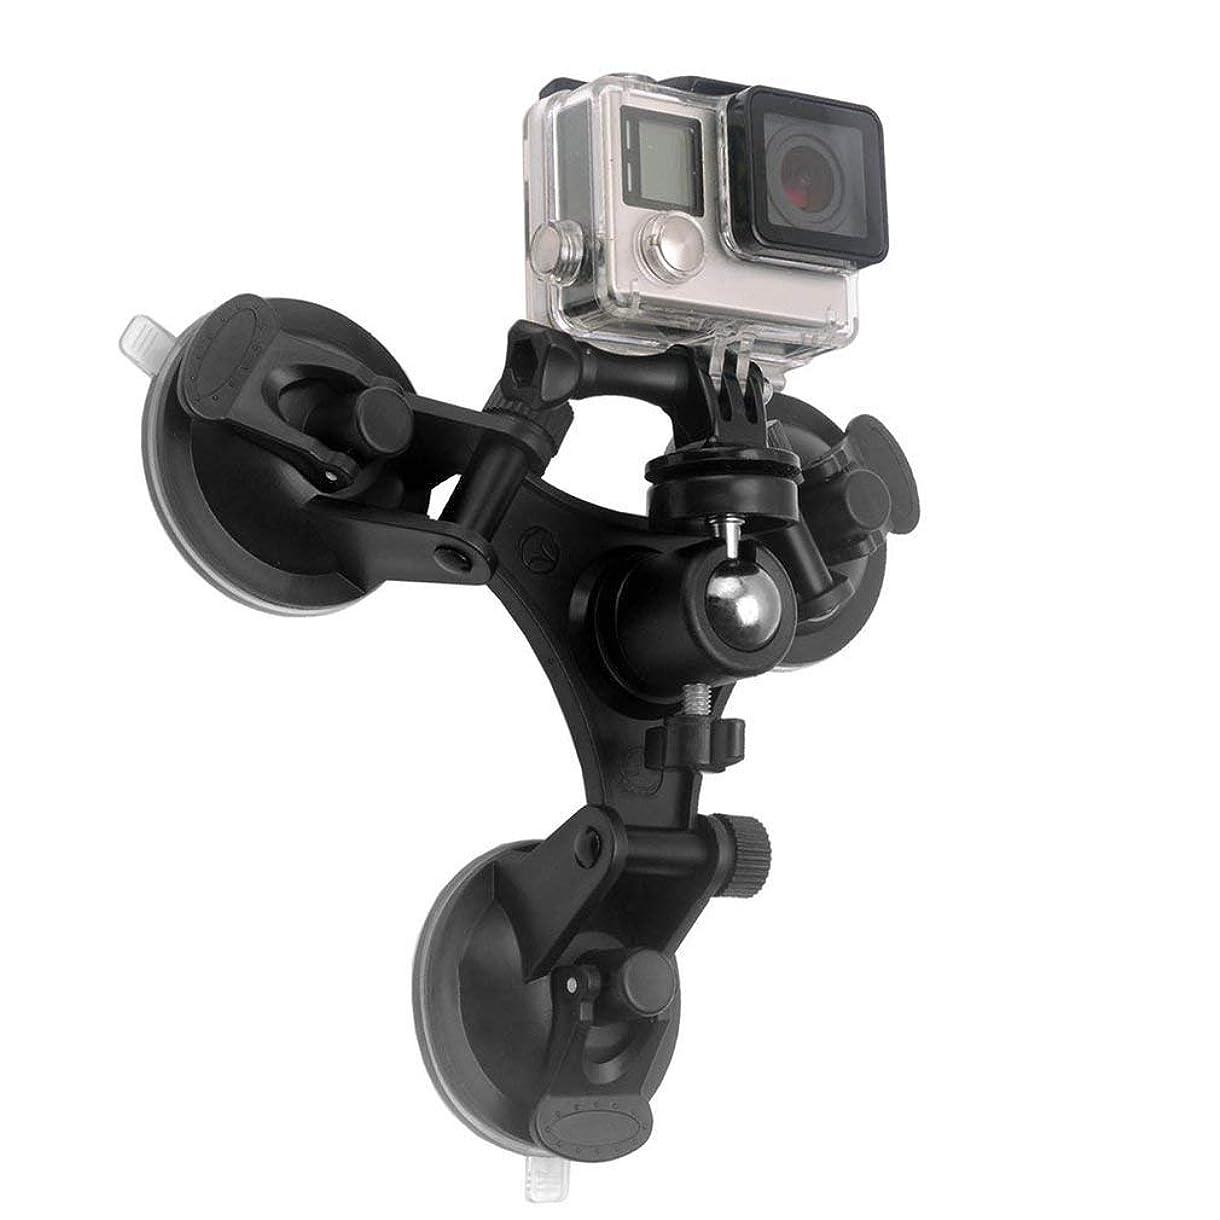 提供利益雪だるまを作るローアングルトライアングルサクションマウントホルダー三脚ボールヘッドスポーツカメラ,GoPro Hero 用 低角度 カメラ 吸盤マウント 1/4ネジ ヘッド付き